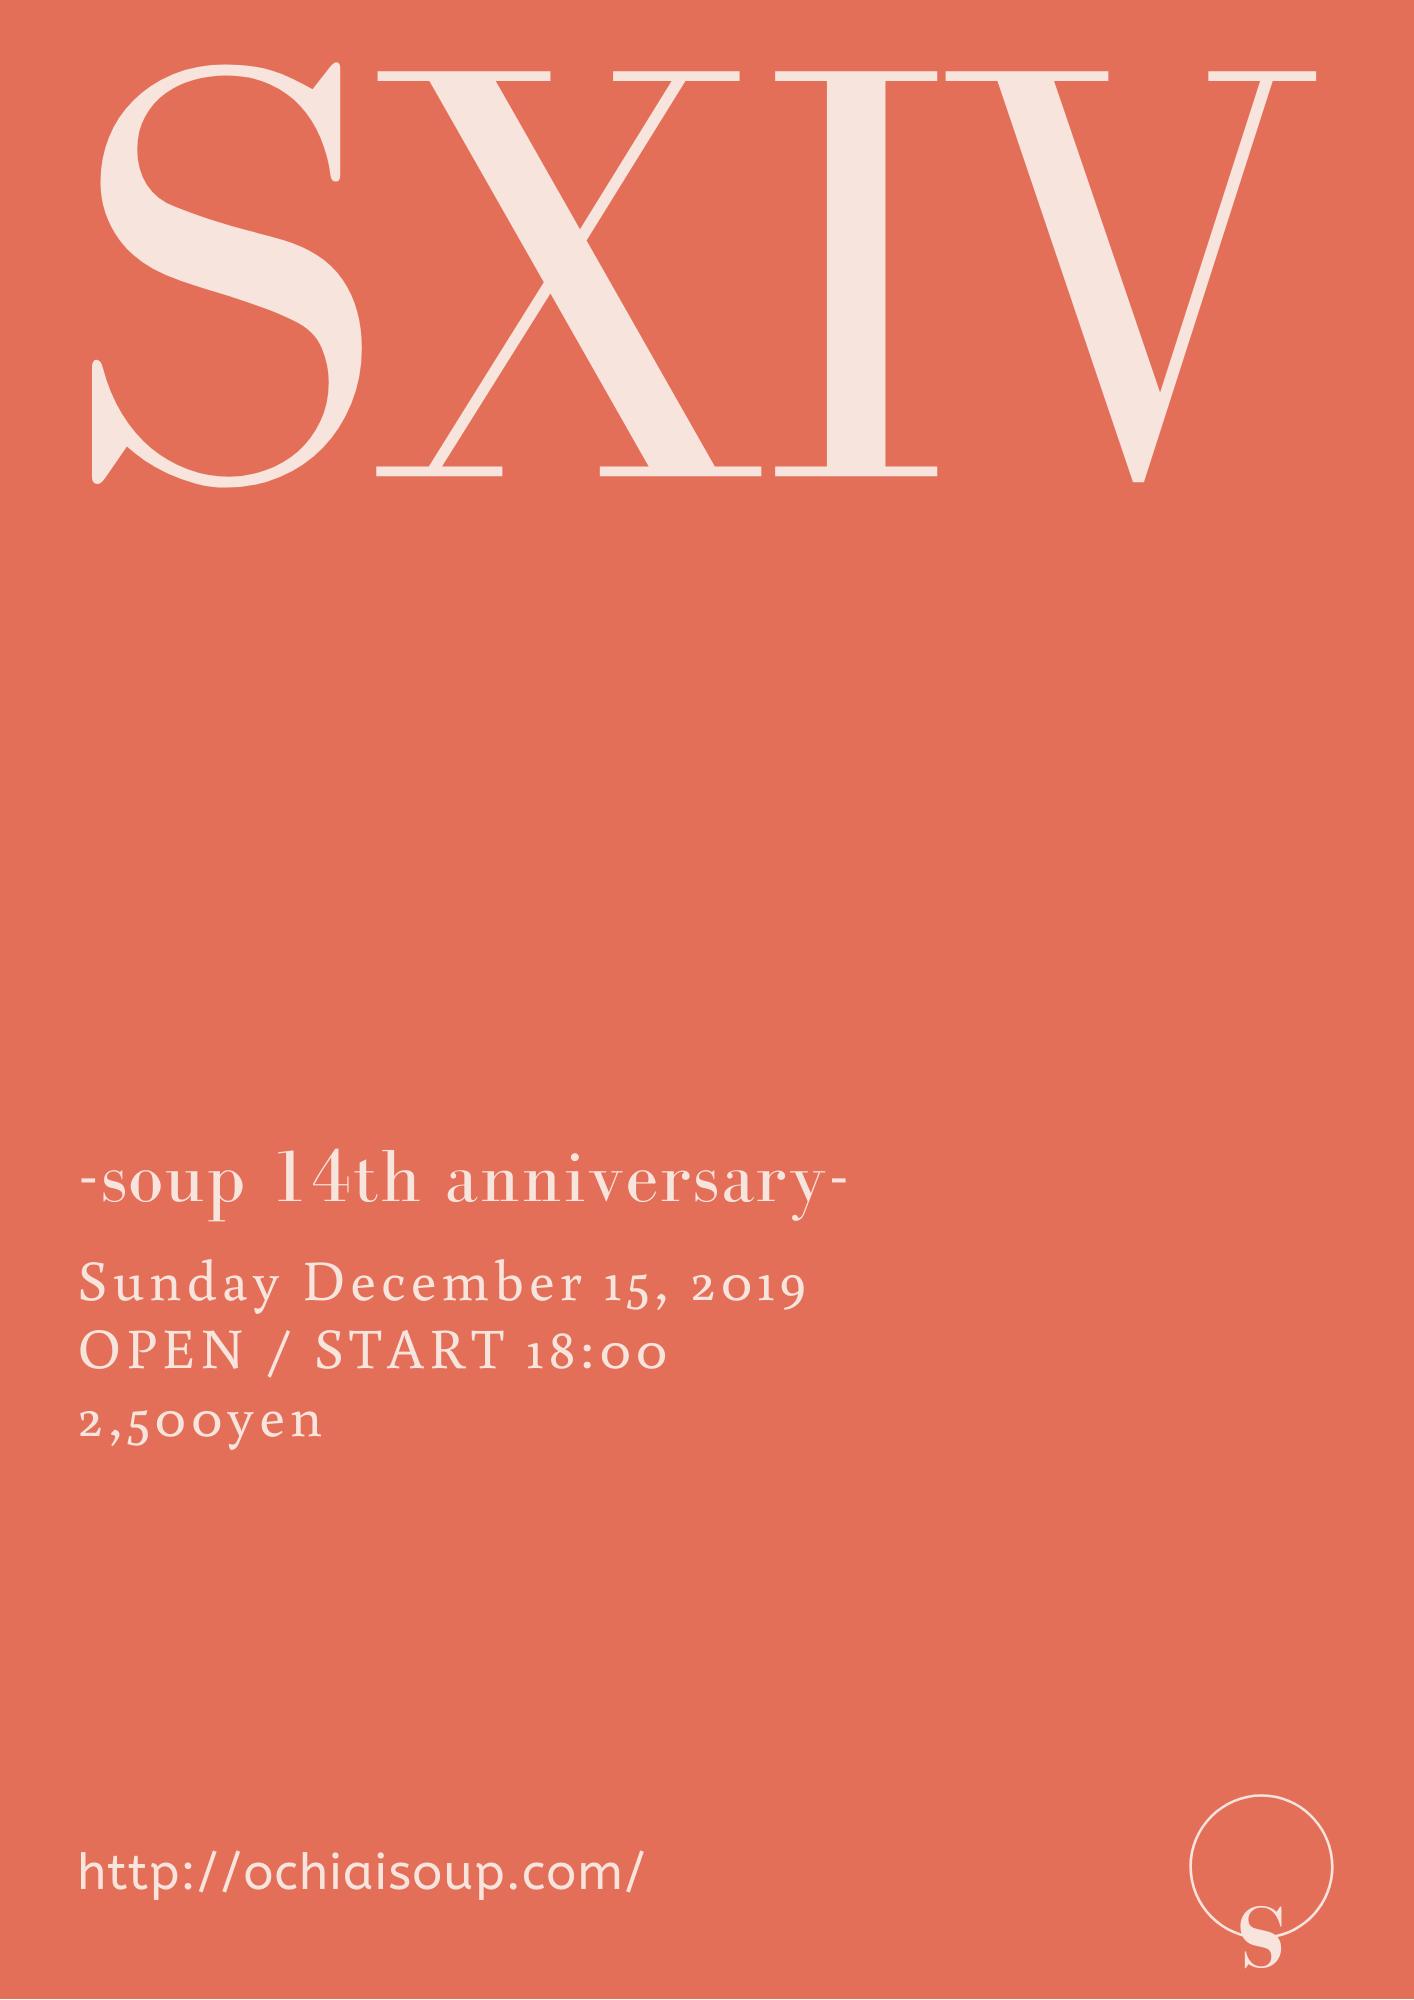 2019.12.15 (Sun) SXIV -soup 14th anniversary-